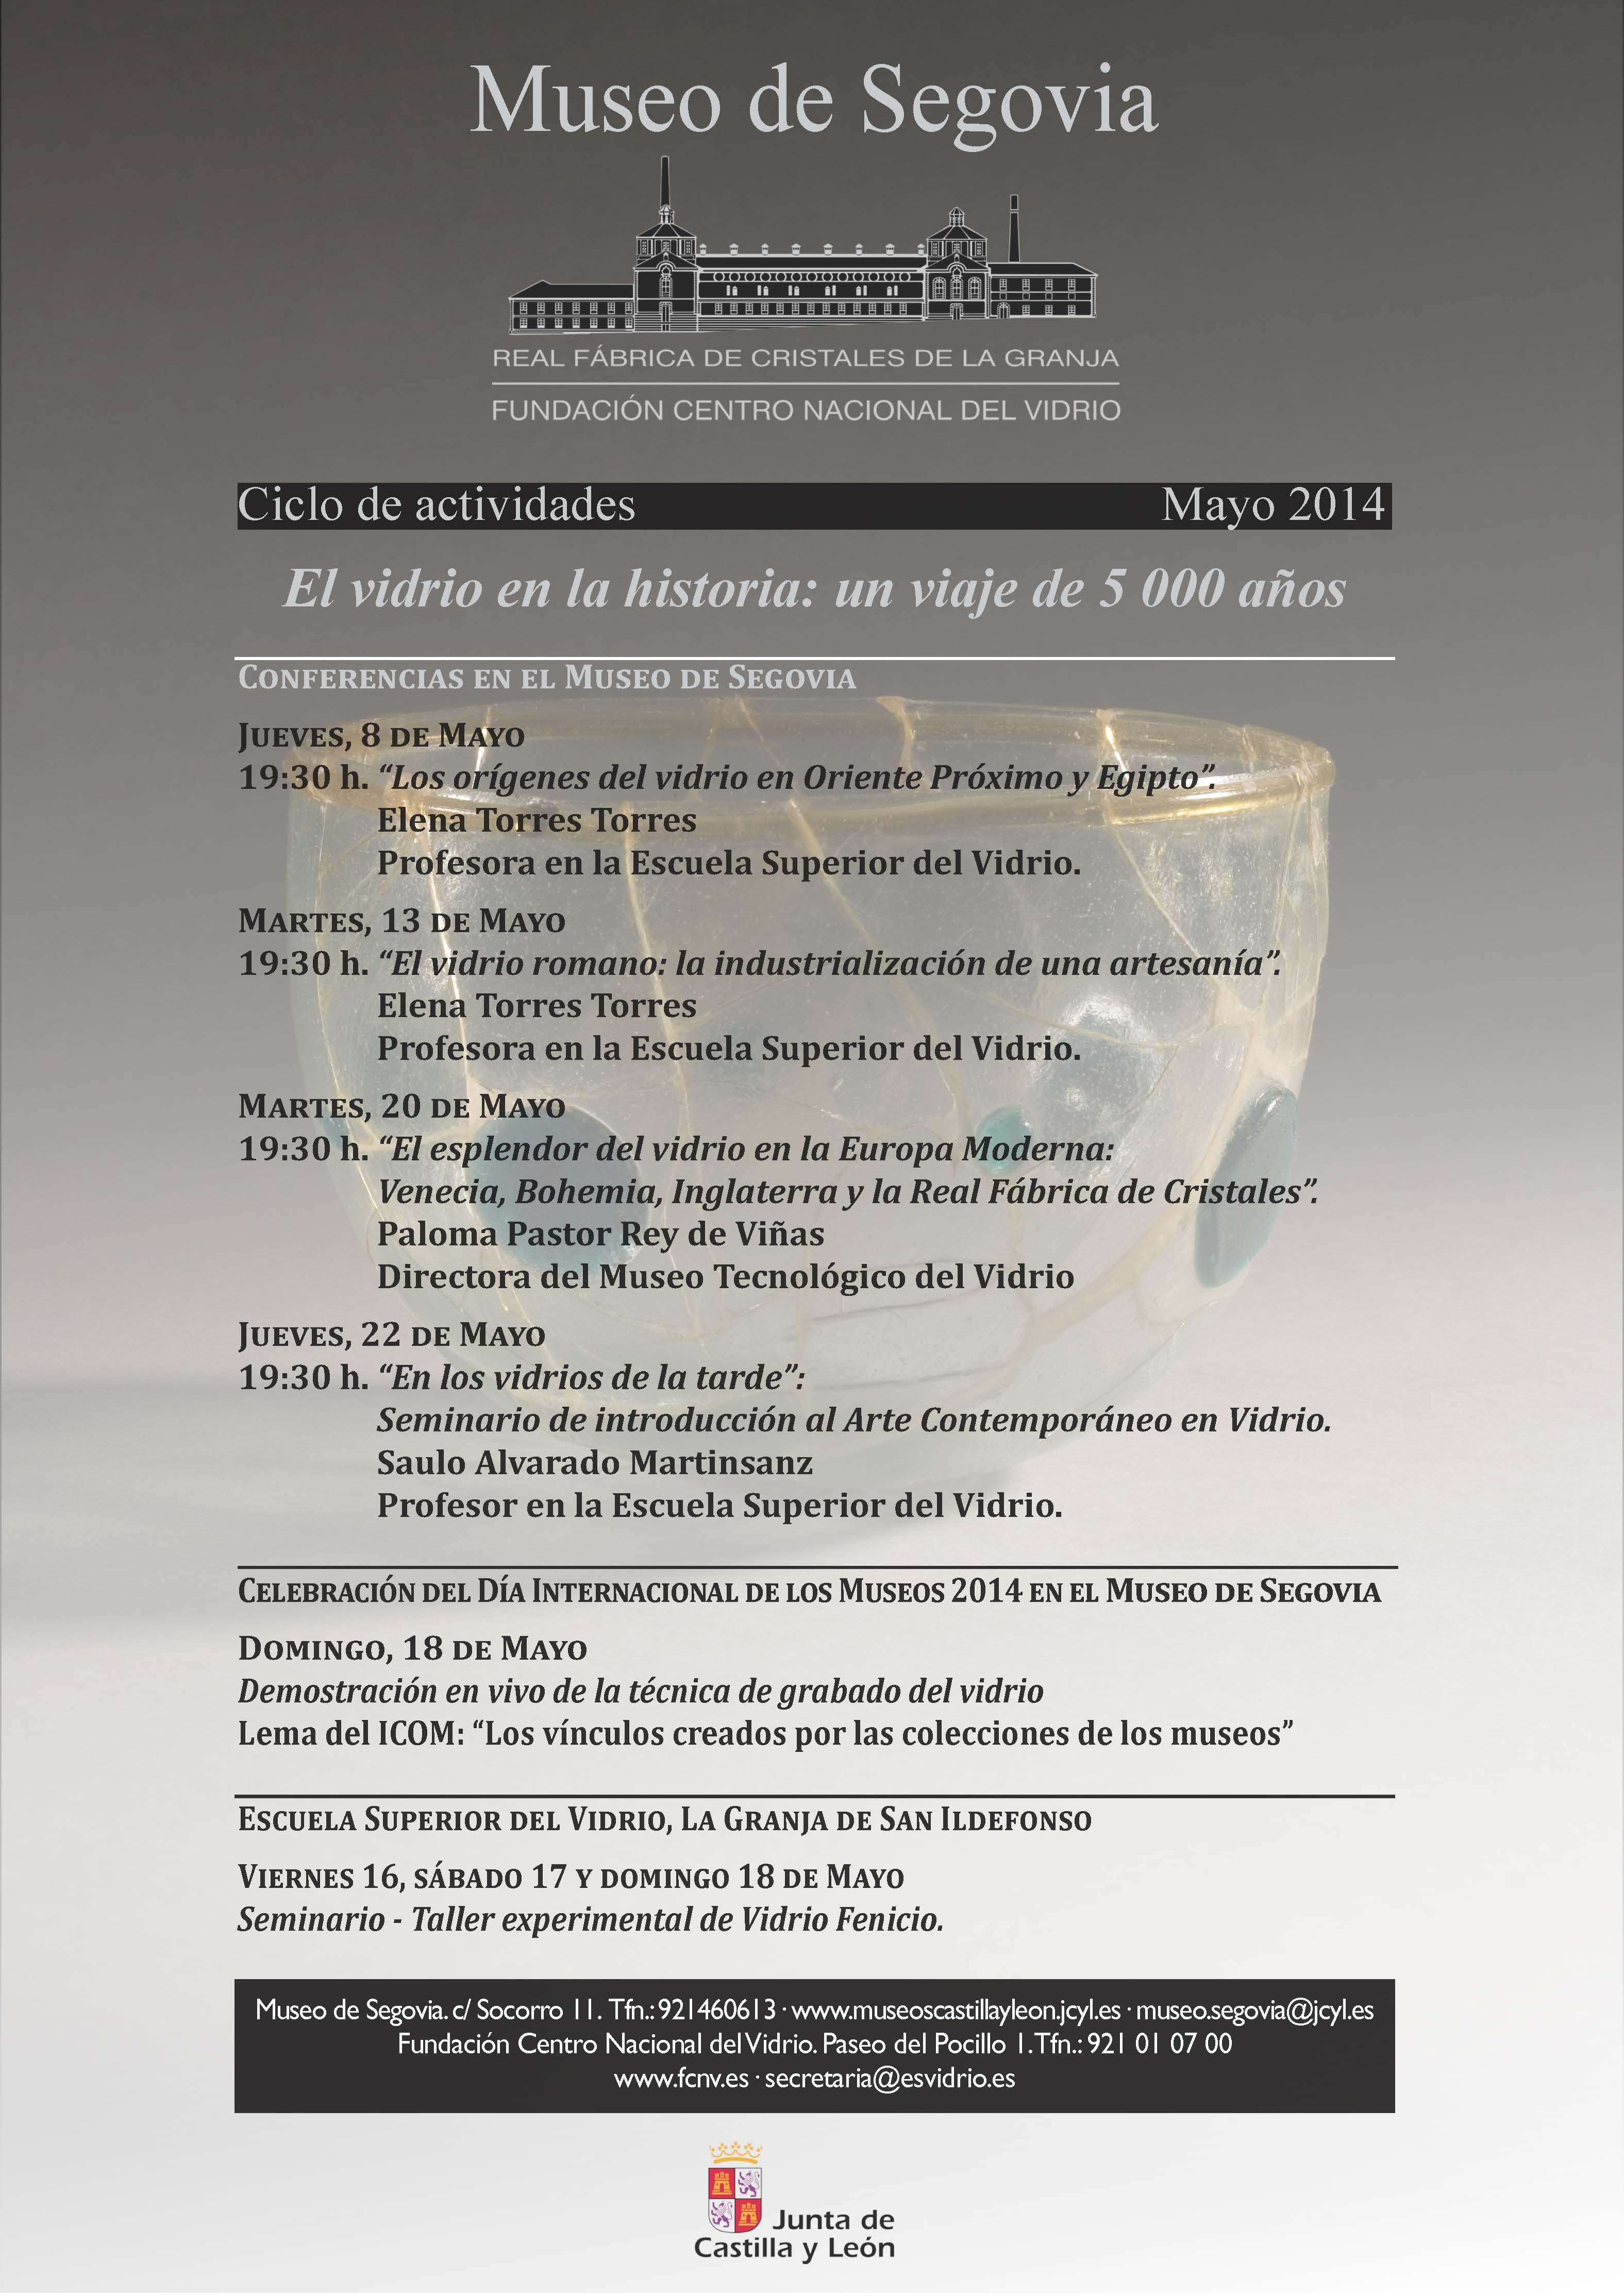 2014-05 Museo de Segovia CARTEL Ciclo de Actividades El vidrio en la Historia